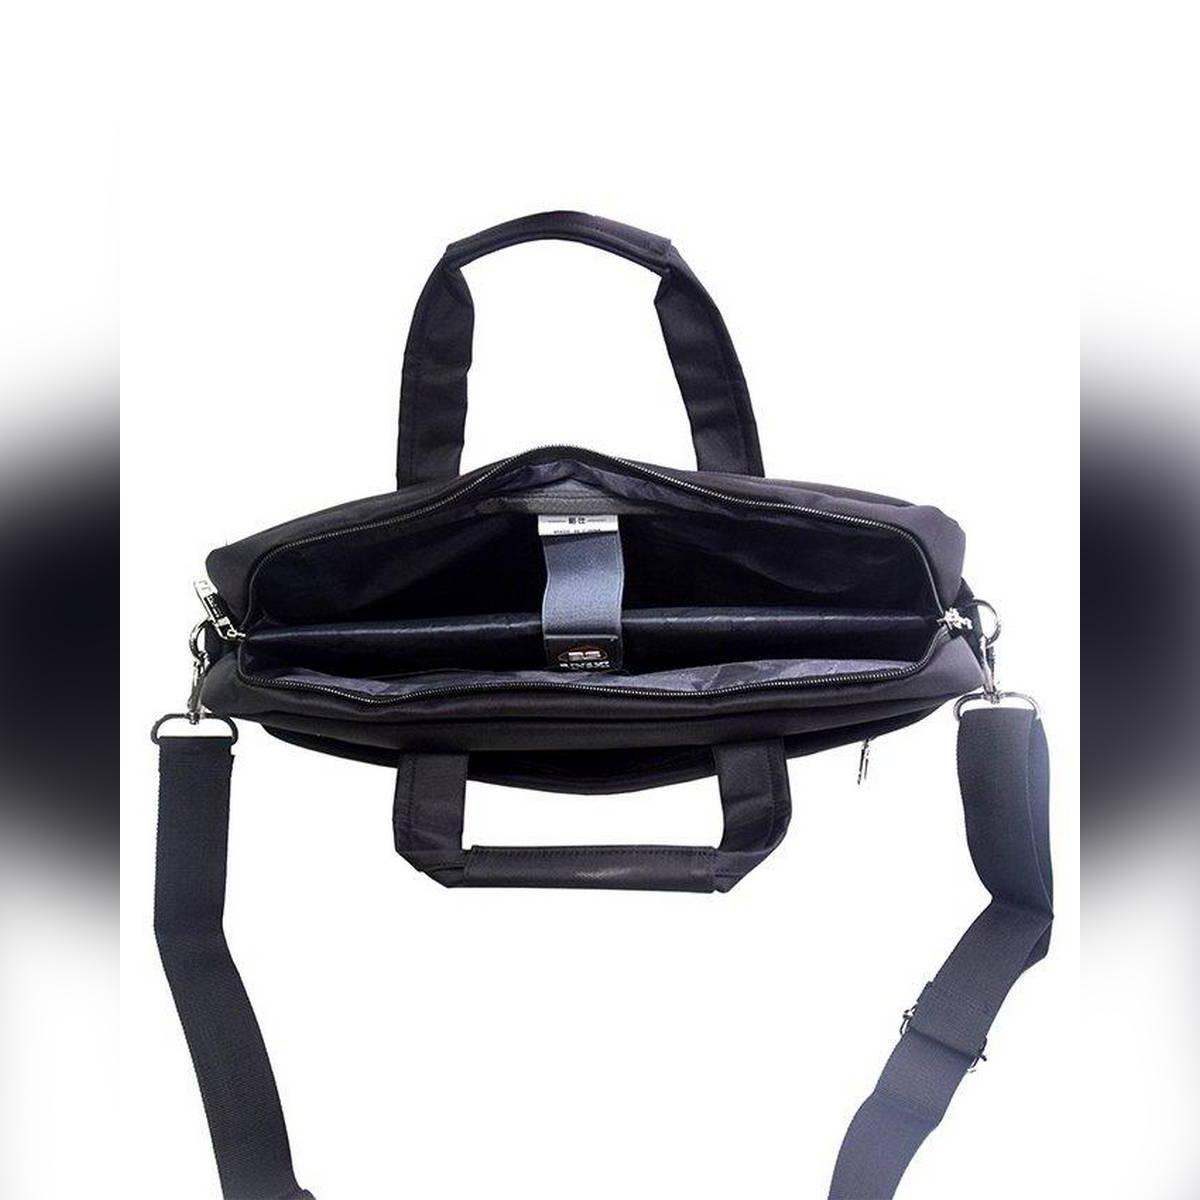 17 inch Trendy Business Men's Briefcase Laptop Bag Backpack - Black